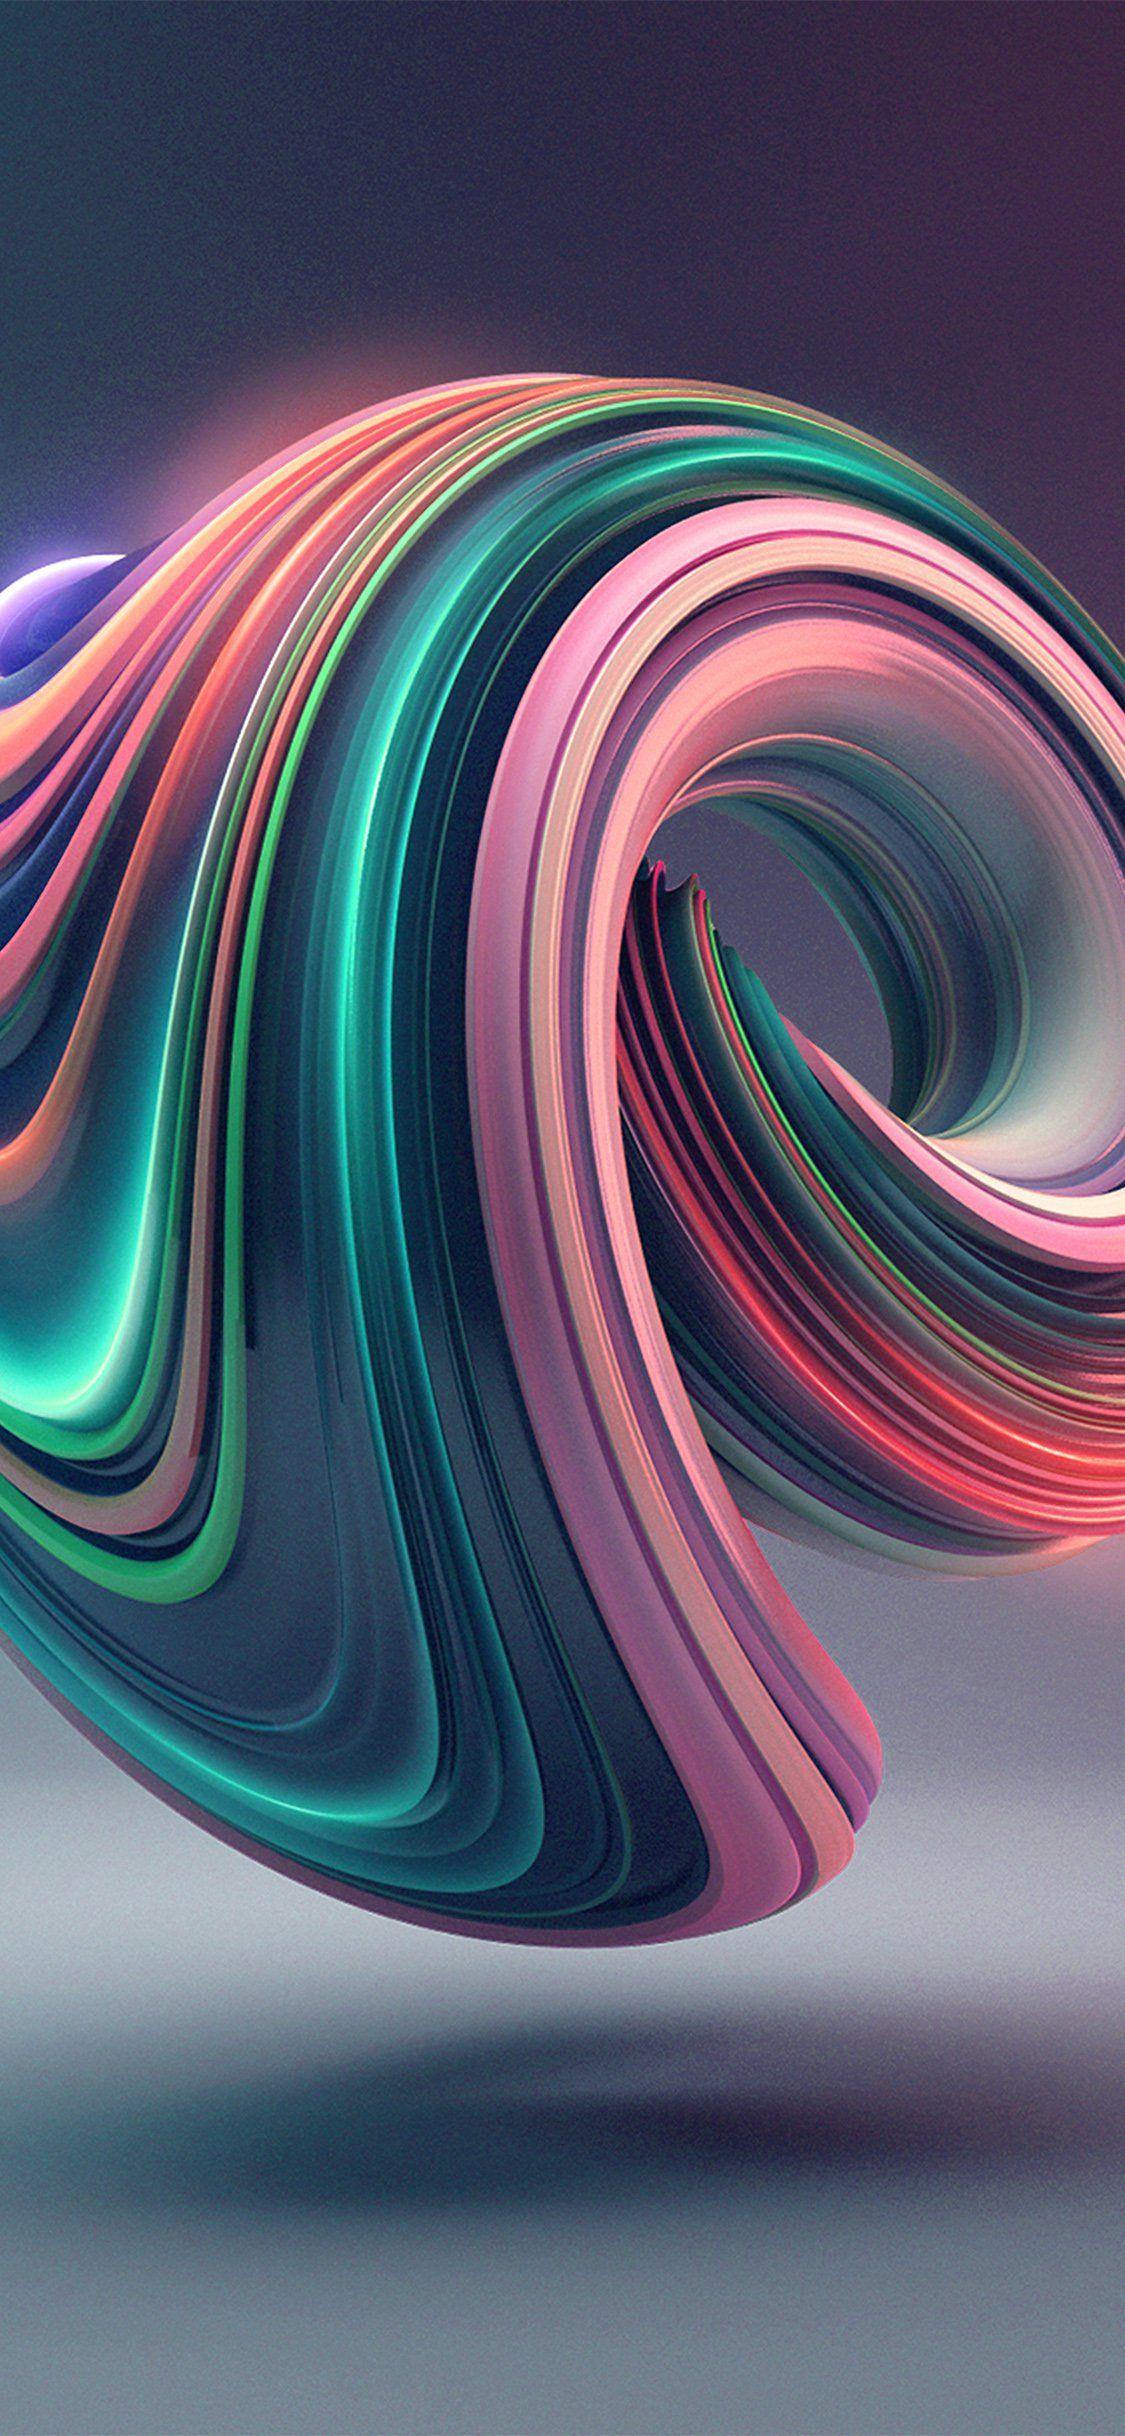 Iphonex Wallpaper Bb02 Digital Art Color Circle Illustration Art